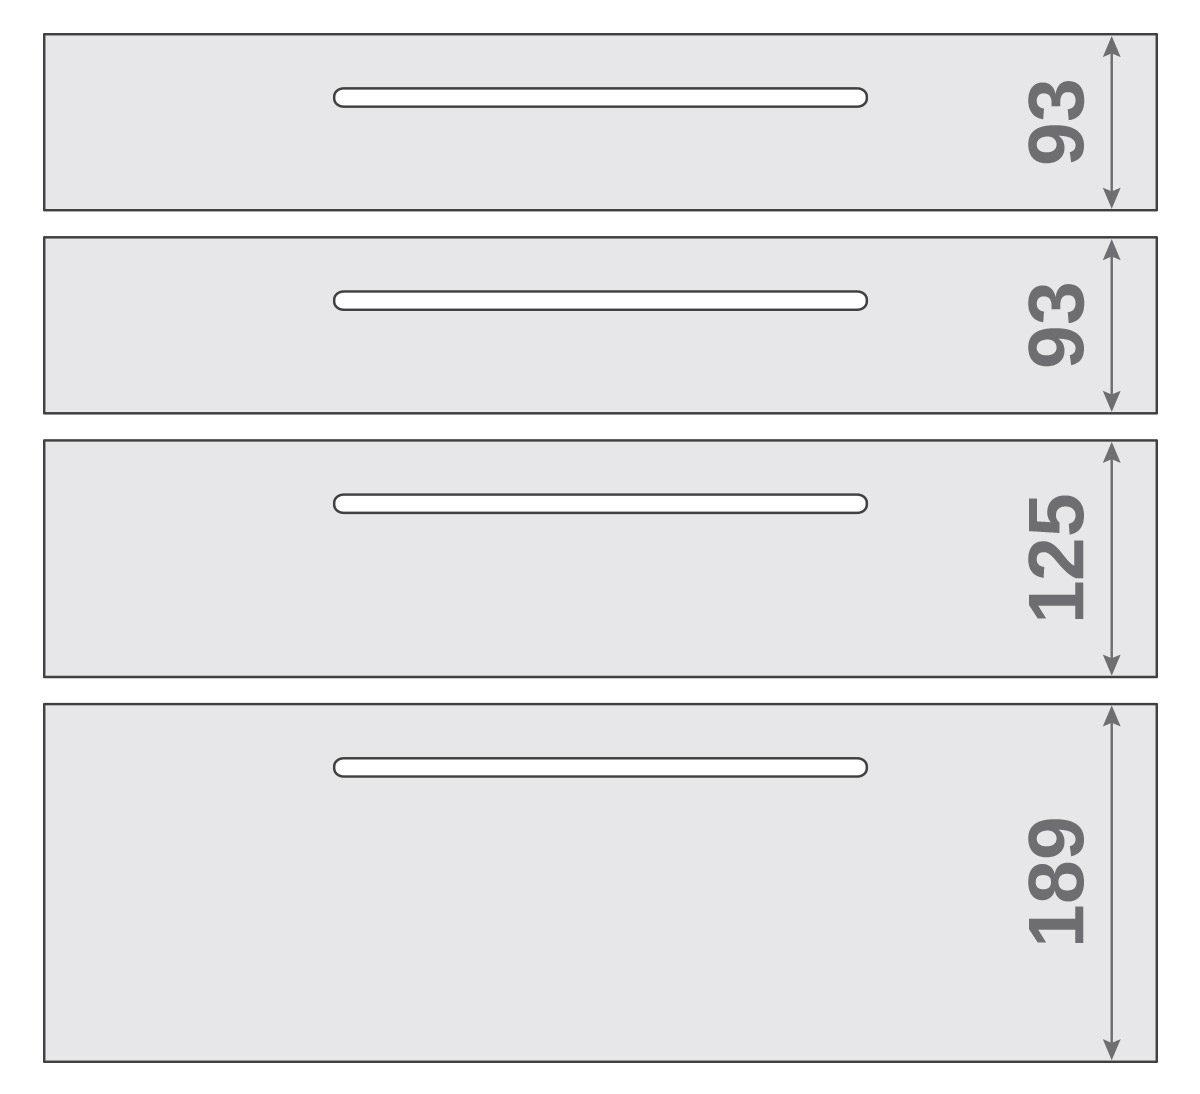 ПАНОК-СОЛО 600 long (каталожний номер 15.1-15.6), Каталожний номер 15.5